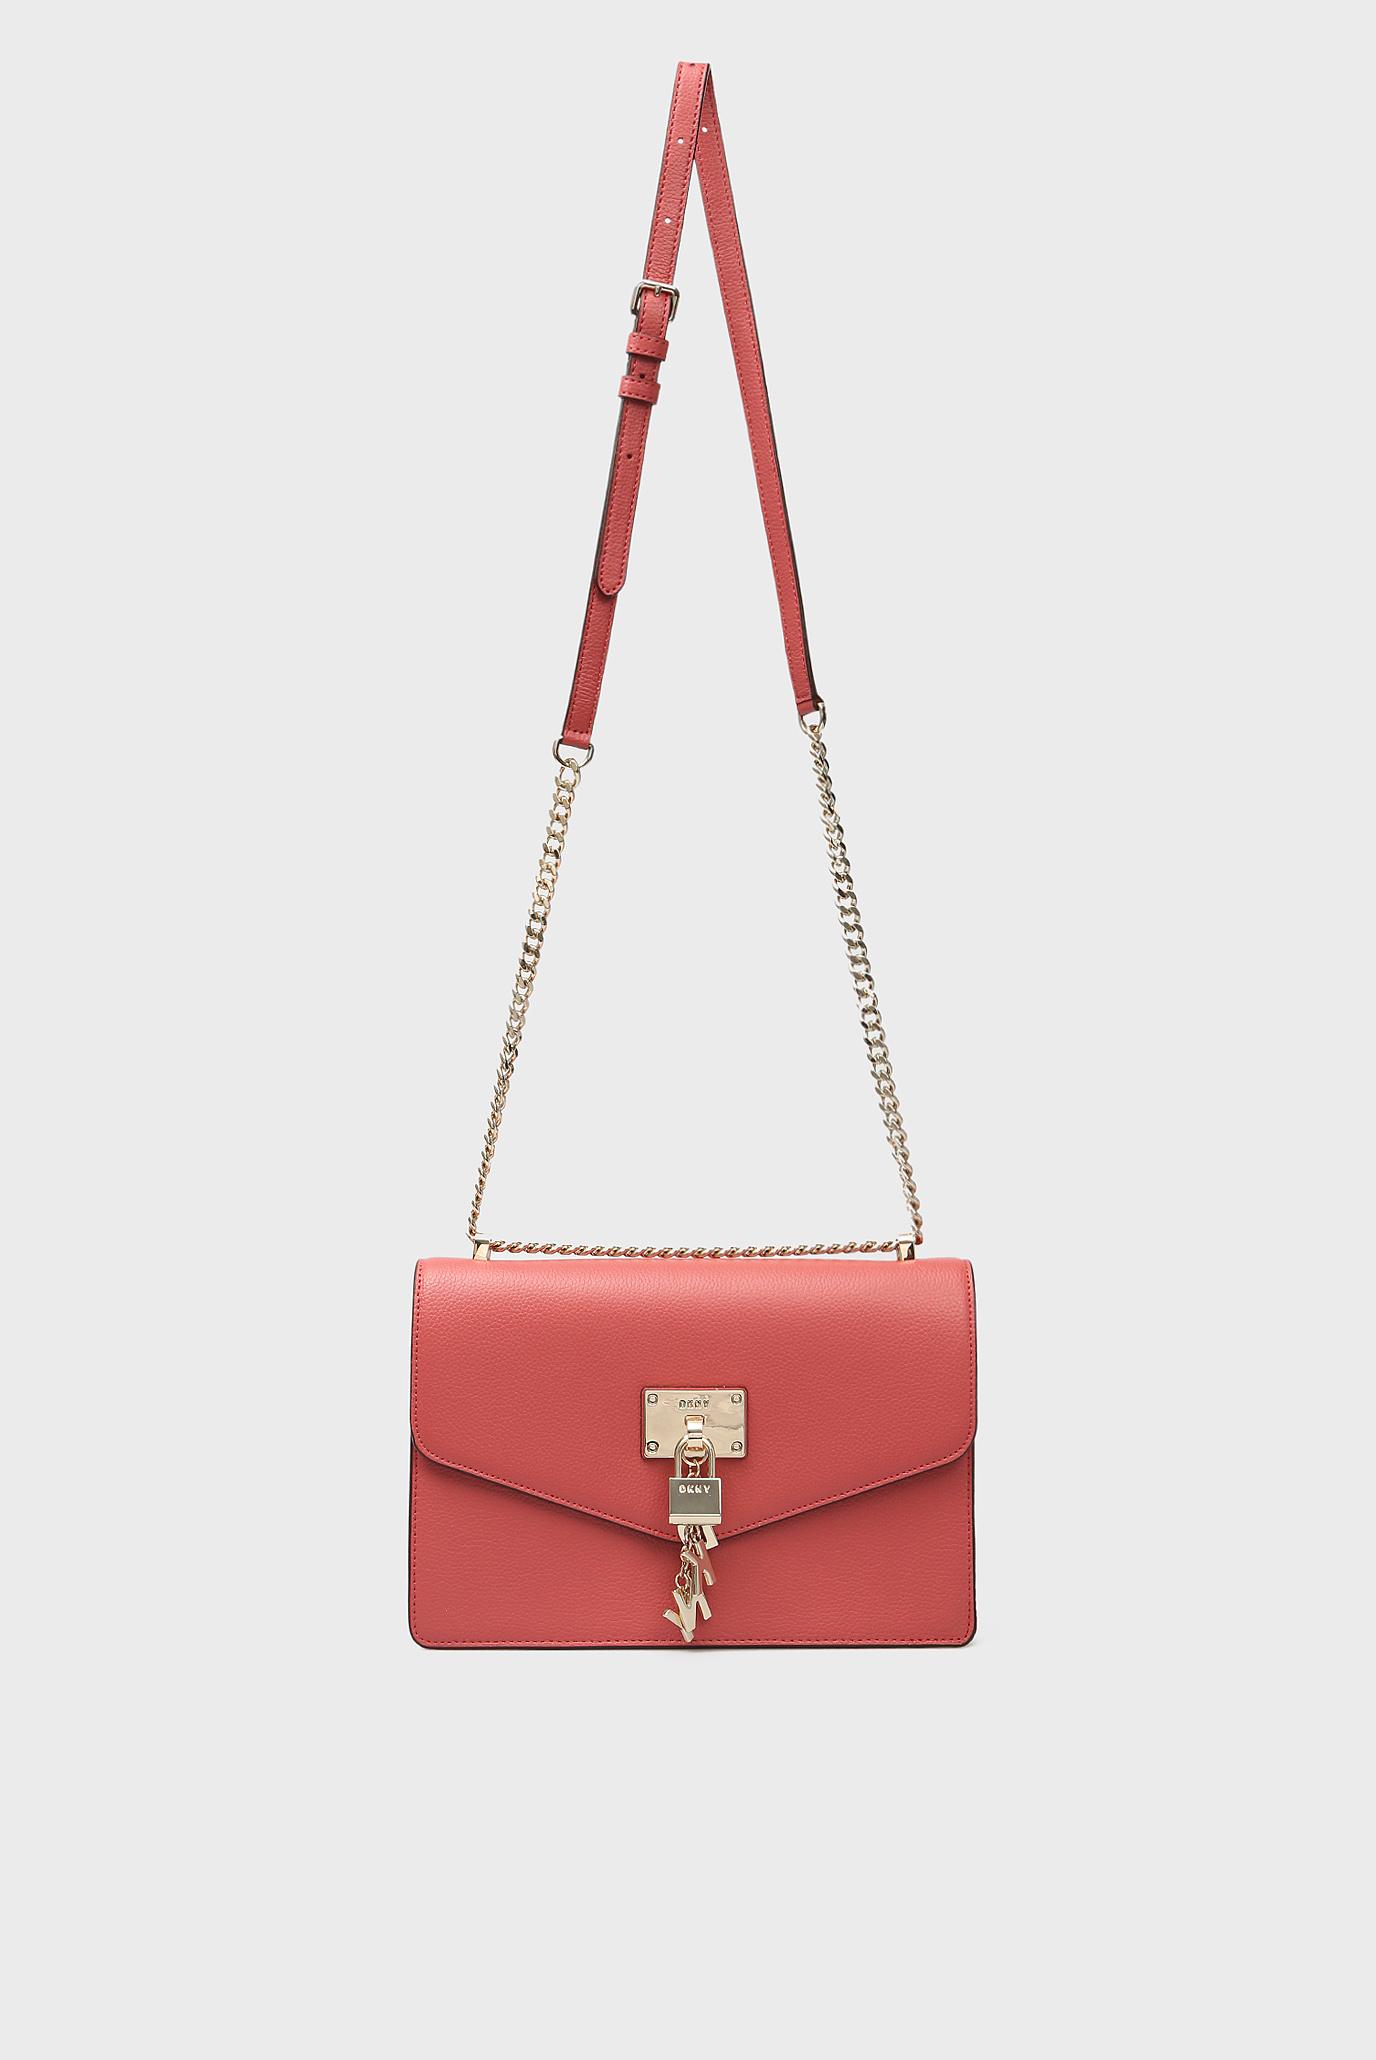 Купить Женская красная кожаная сумка через плечо ELISSA-LG DKNY DKNY R813H281 – Киев, Украина. Цены в интернет магазине MD Fashion